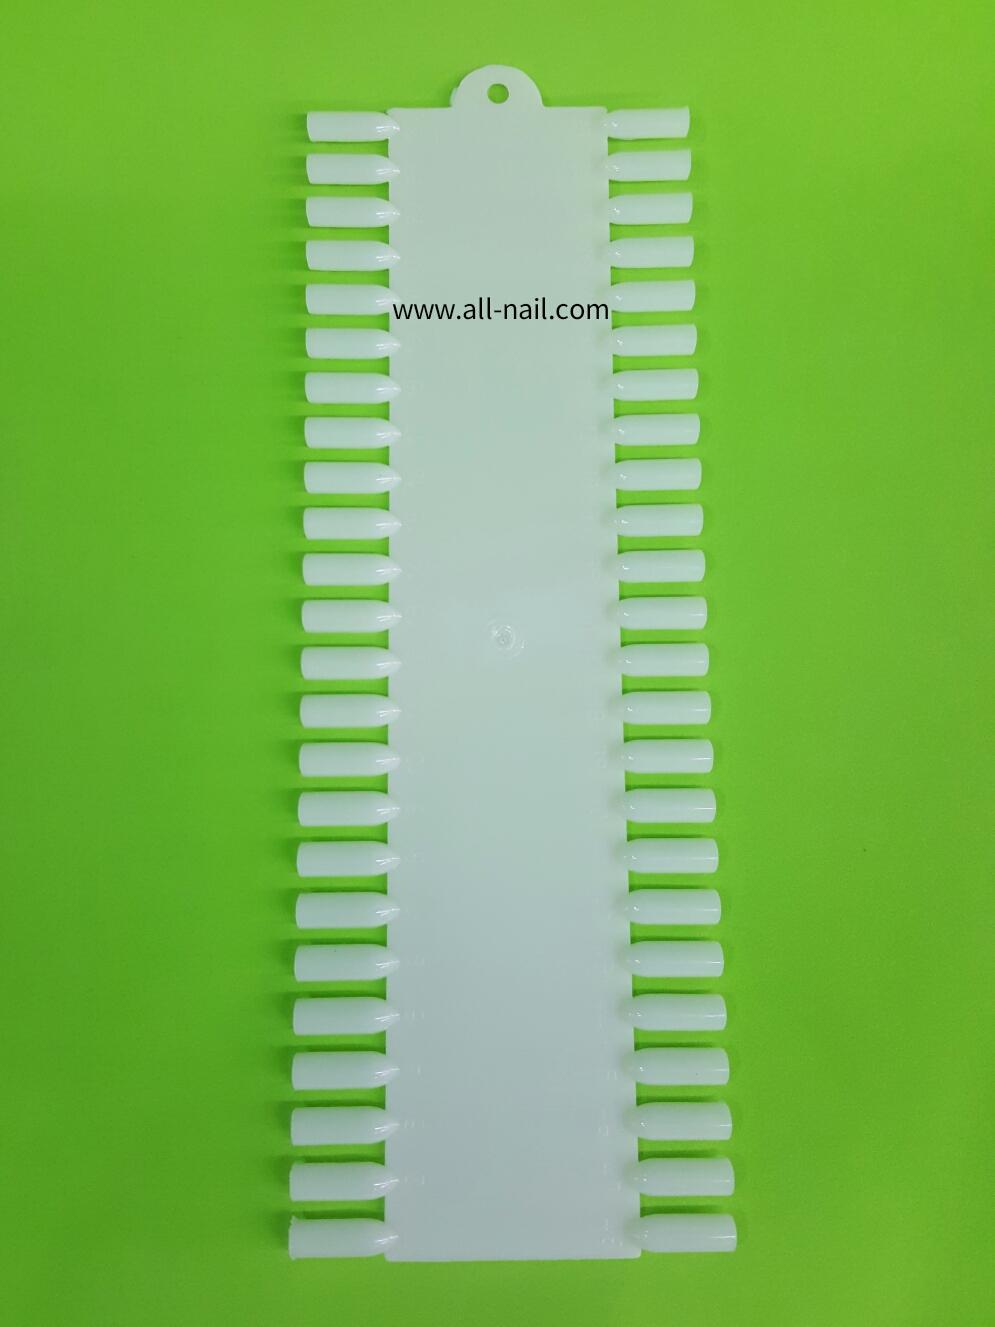 ชาร์ตโชว์เล็บปลอม 1ชิ้น (สี่เหลี่ยม)